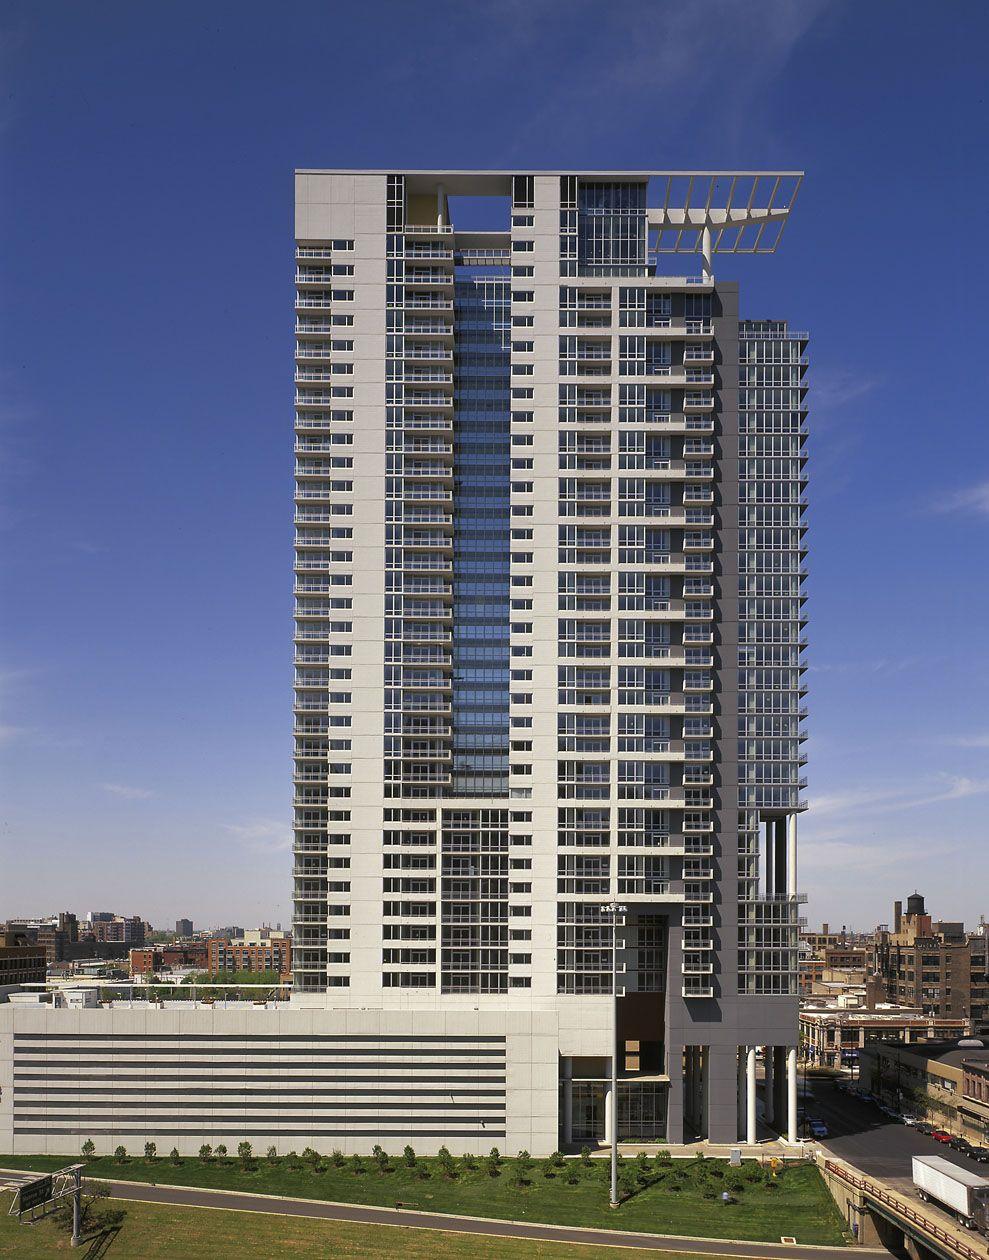 skybridge at one north perkins will google 39 da ara facade pinterest geb ude und architektur. Black Bedroom Furniture Sets. Home Design Ideas